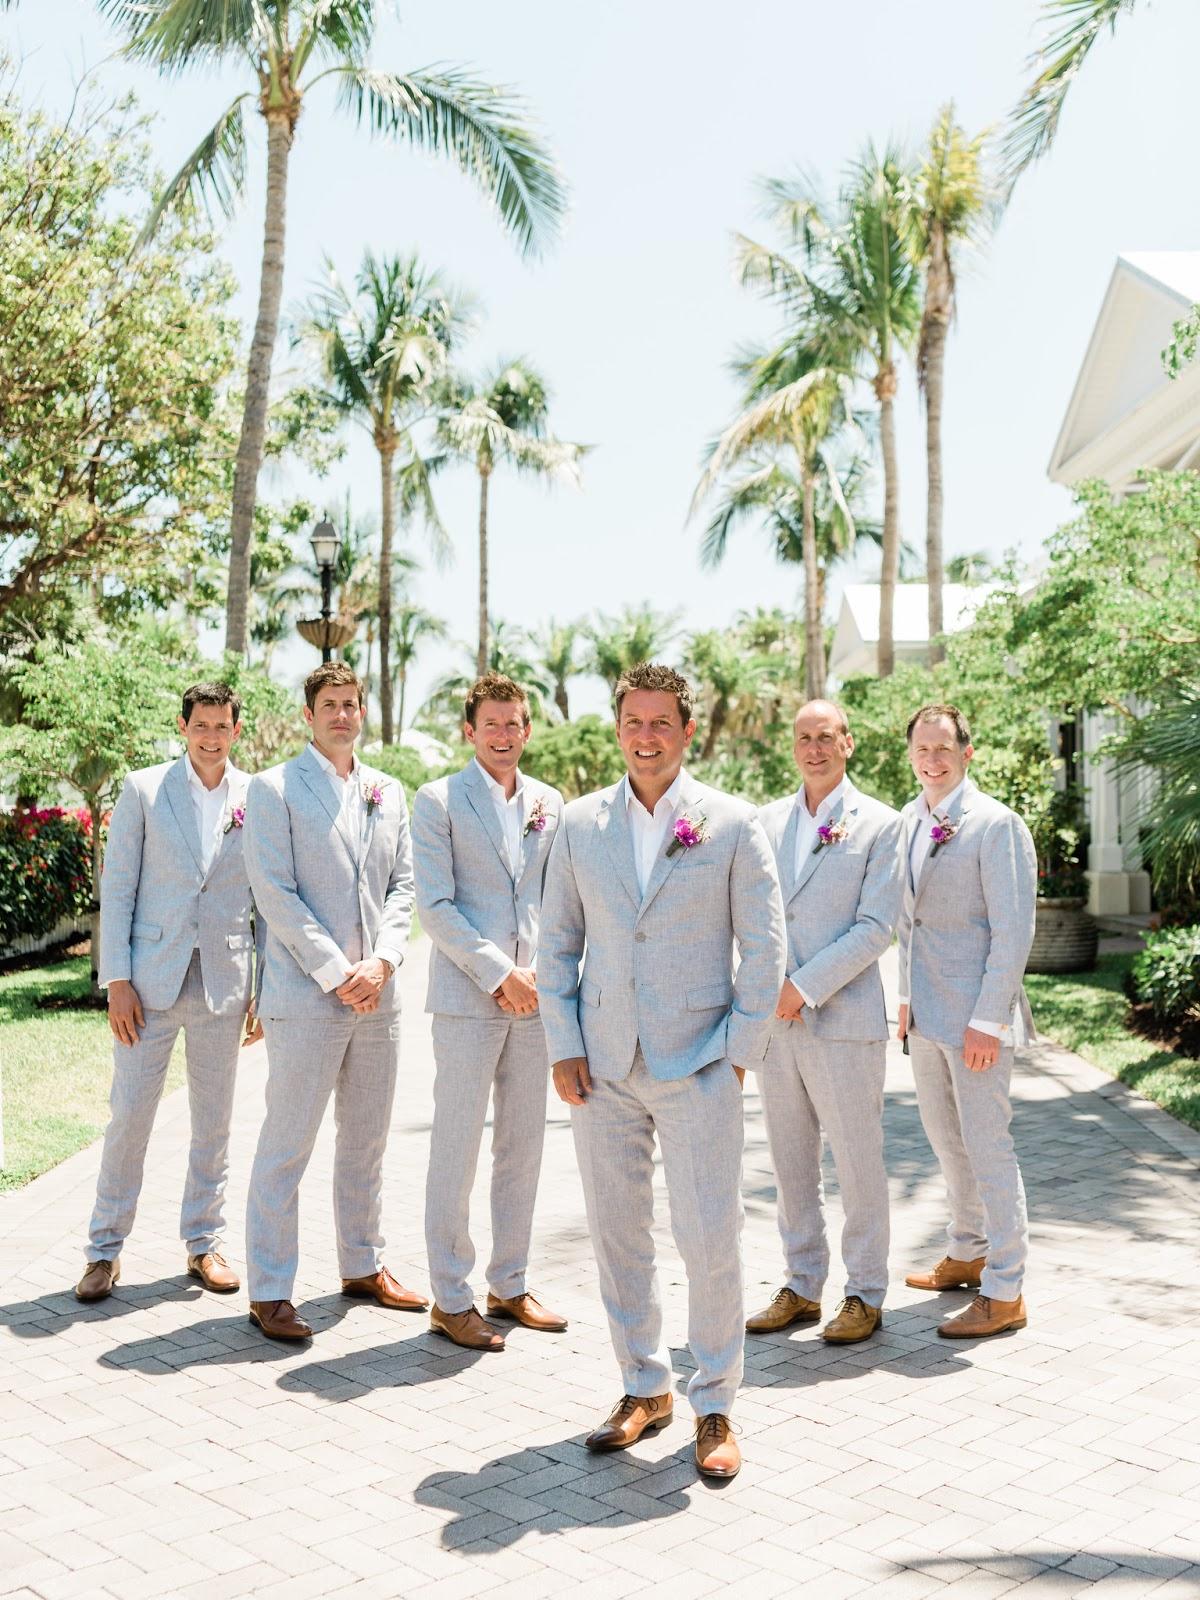 SUIT TAILOR MELBOURNE SYDNEY WEDDINGS